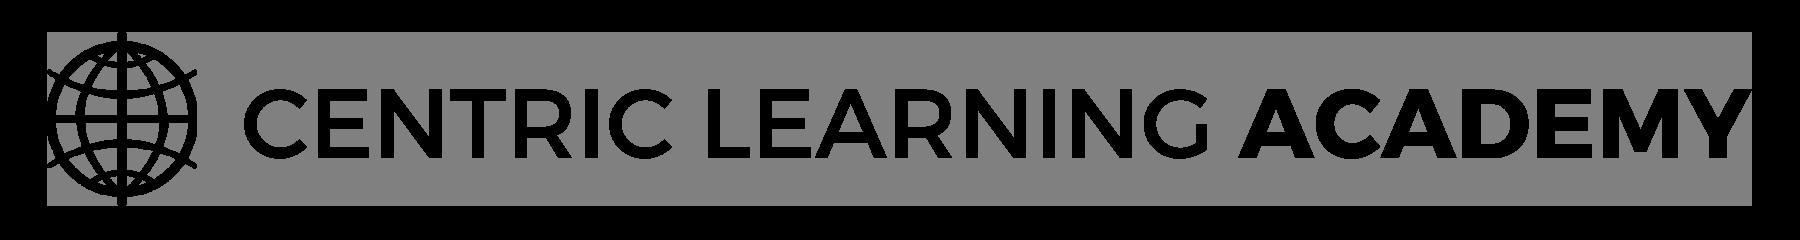 CLA Logos 3